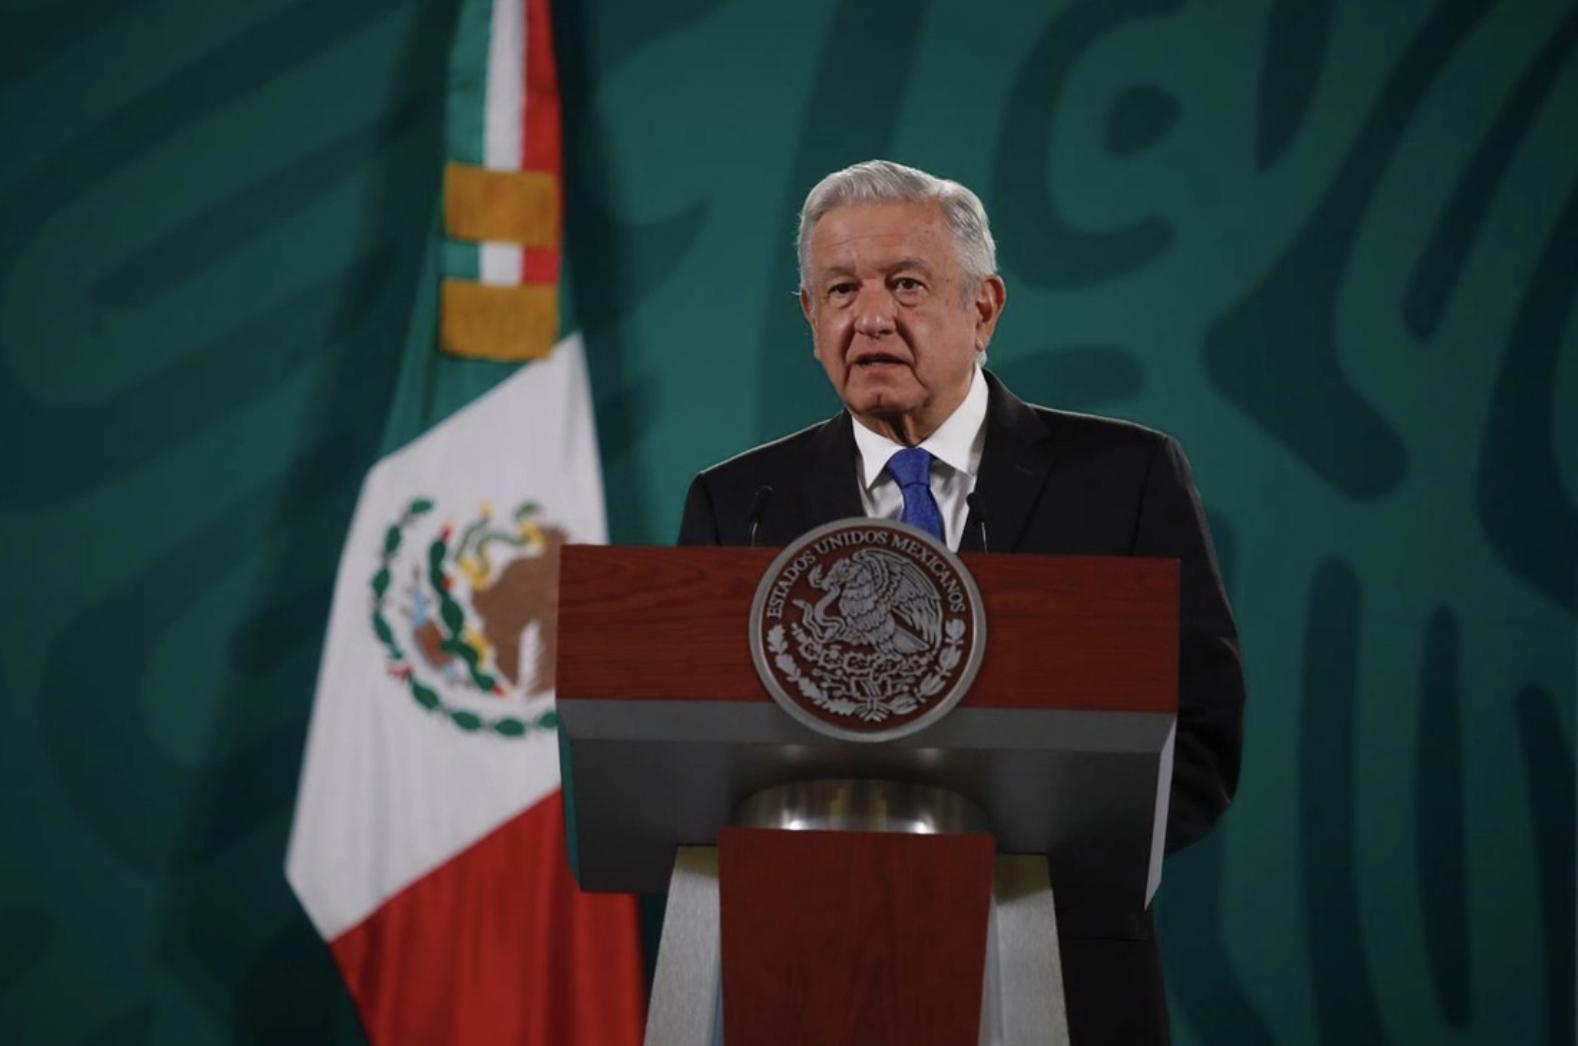 El presidente de México, Andrés Manuel López Obrador, durante su conferencia matutina en Palacio Nacional, en la Ciudad de México, el 28 de abril de 2021. Foto Cristina Rodríguez